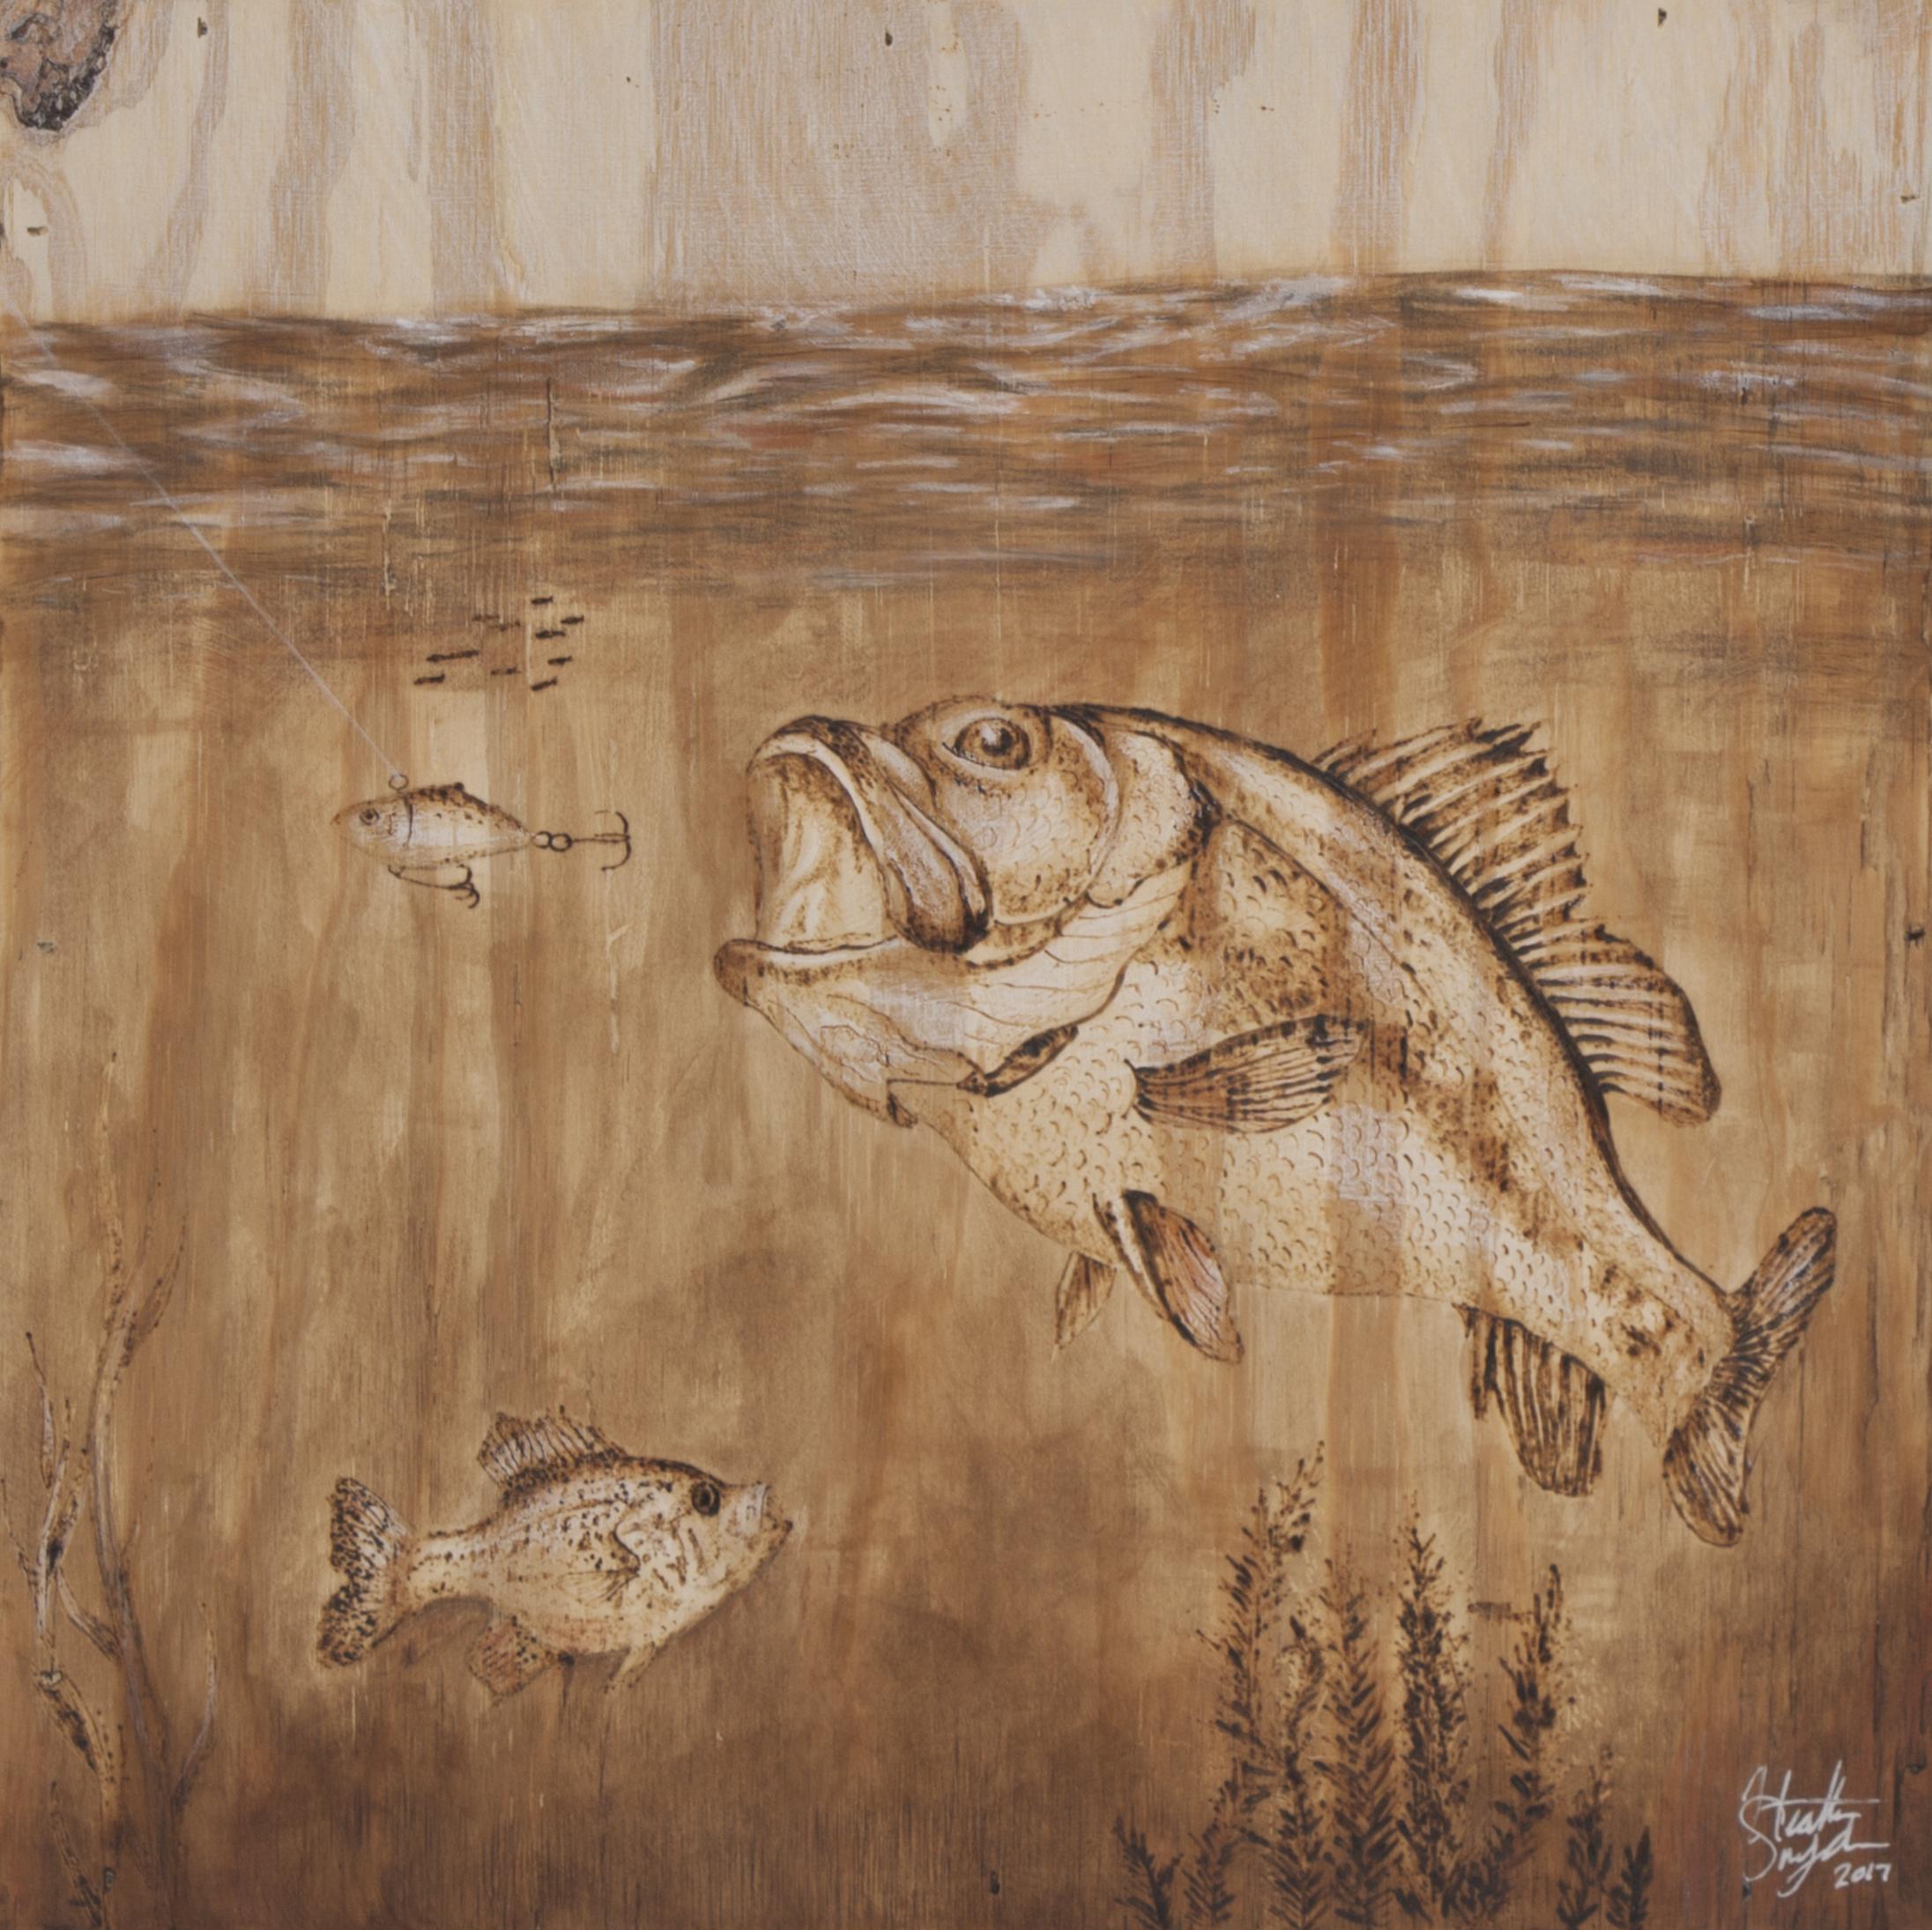 Fish_Woodburn.jpg